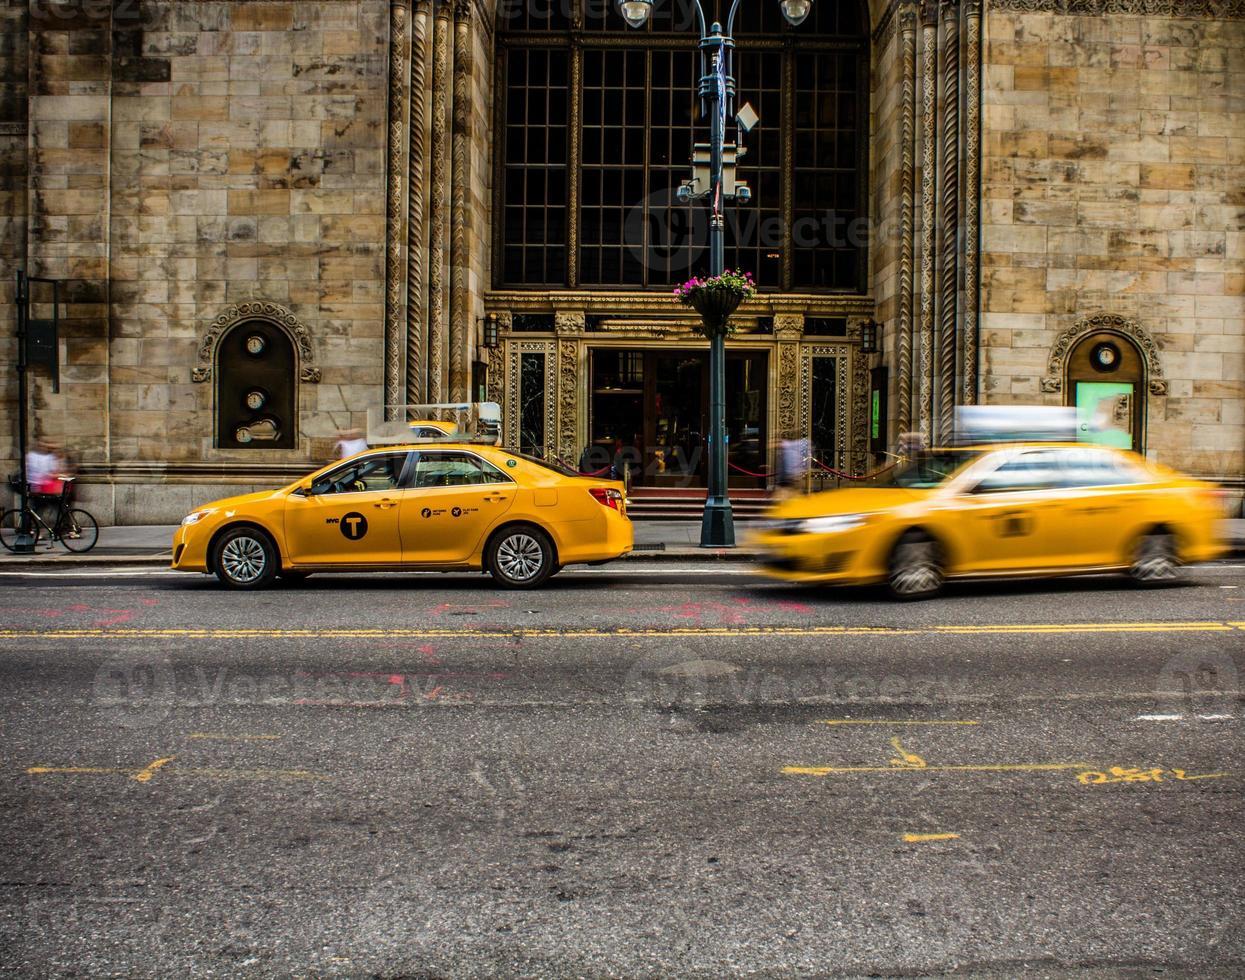 gul taxi foto